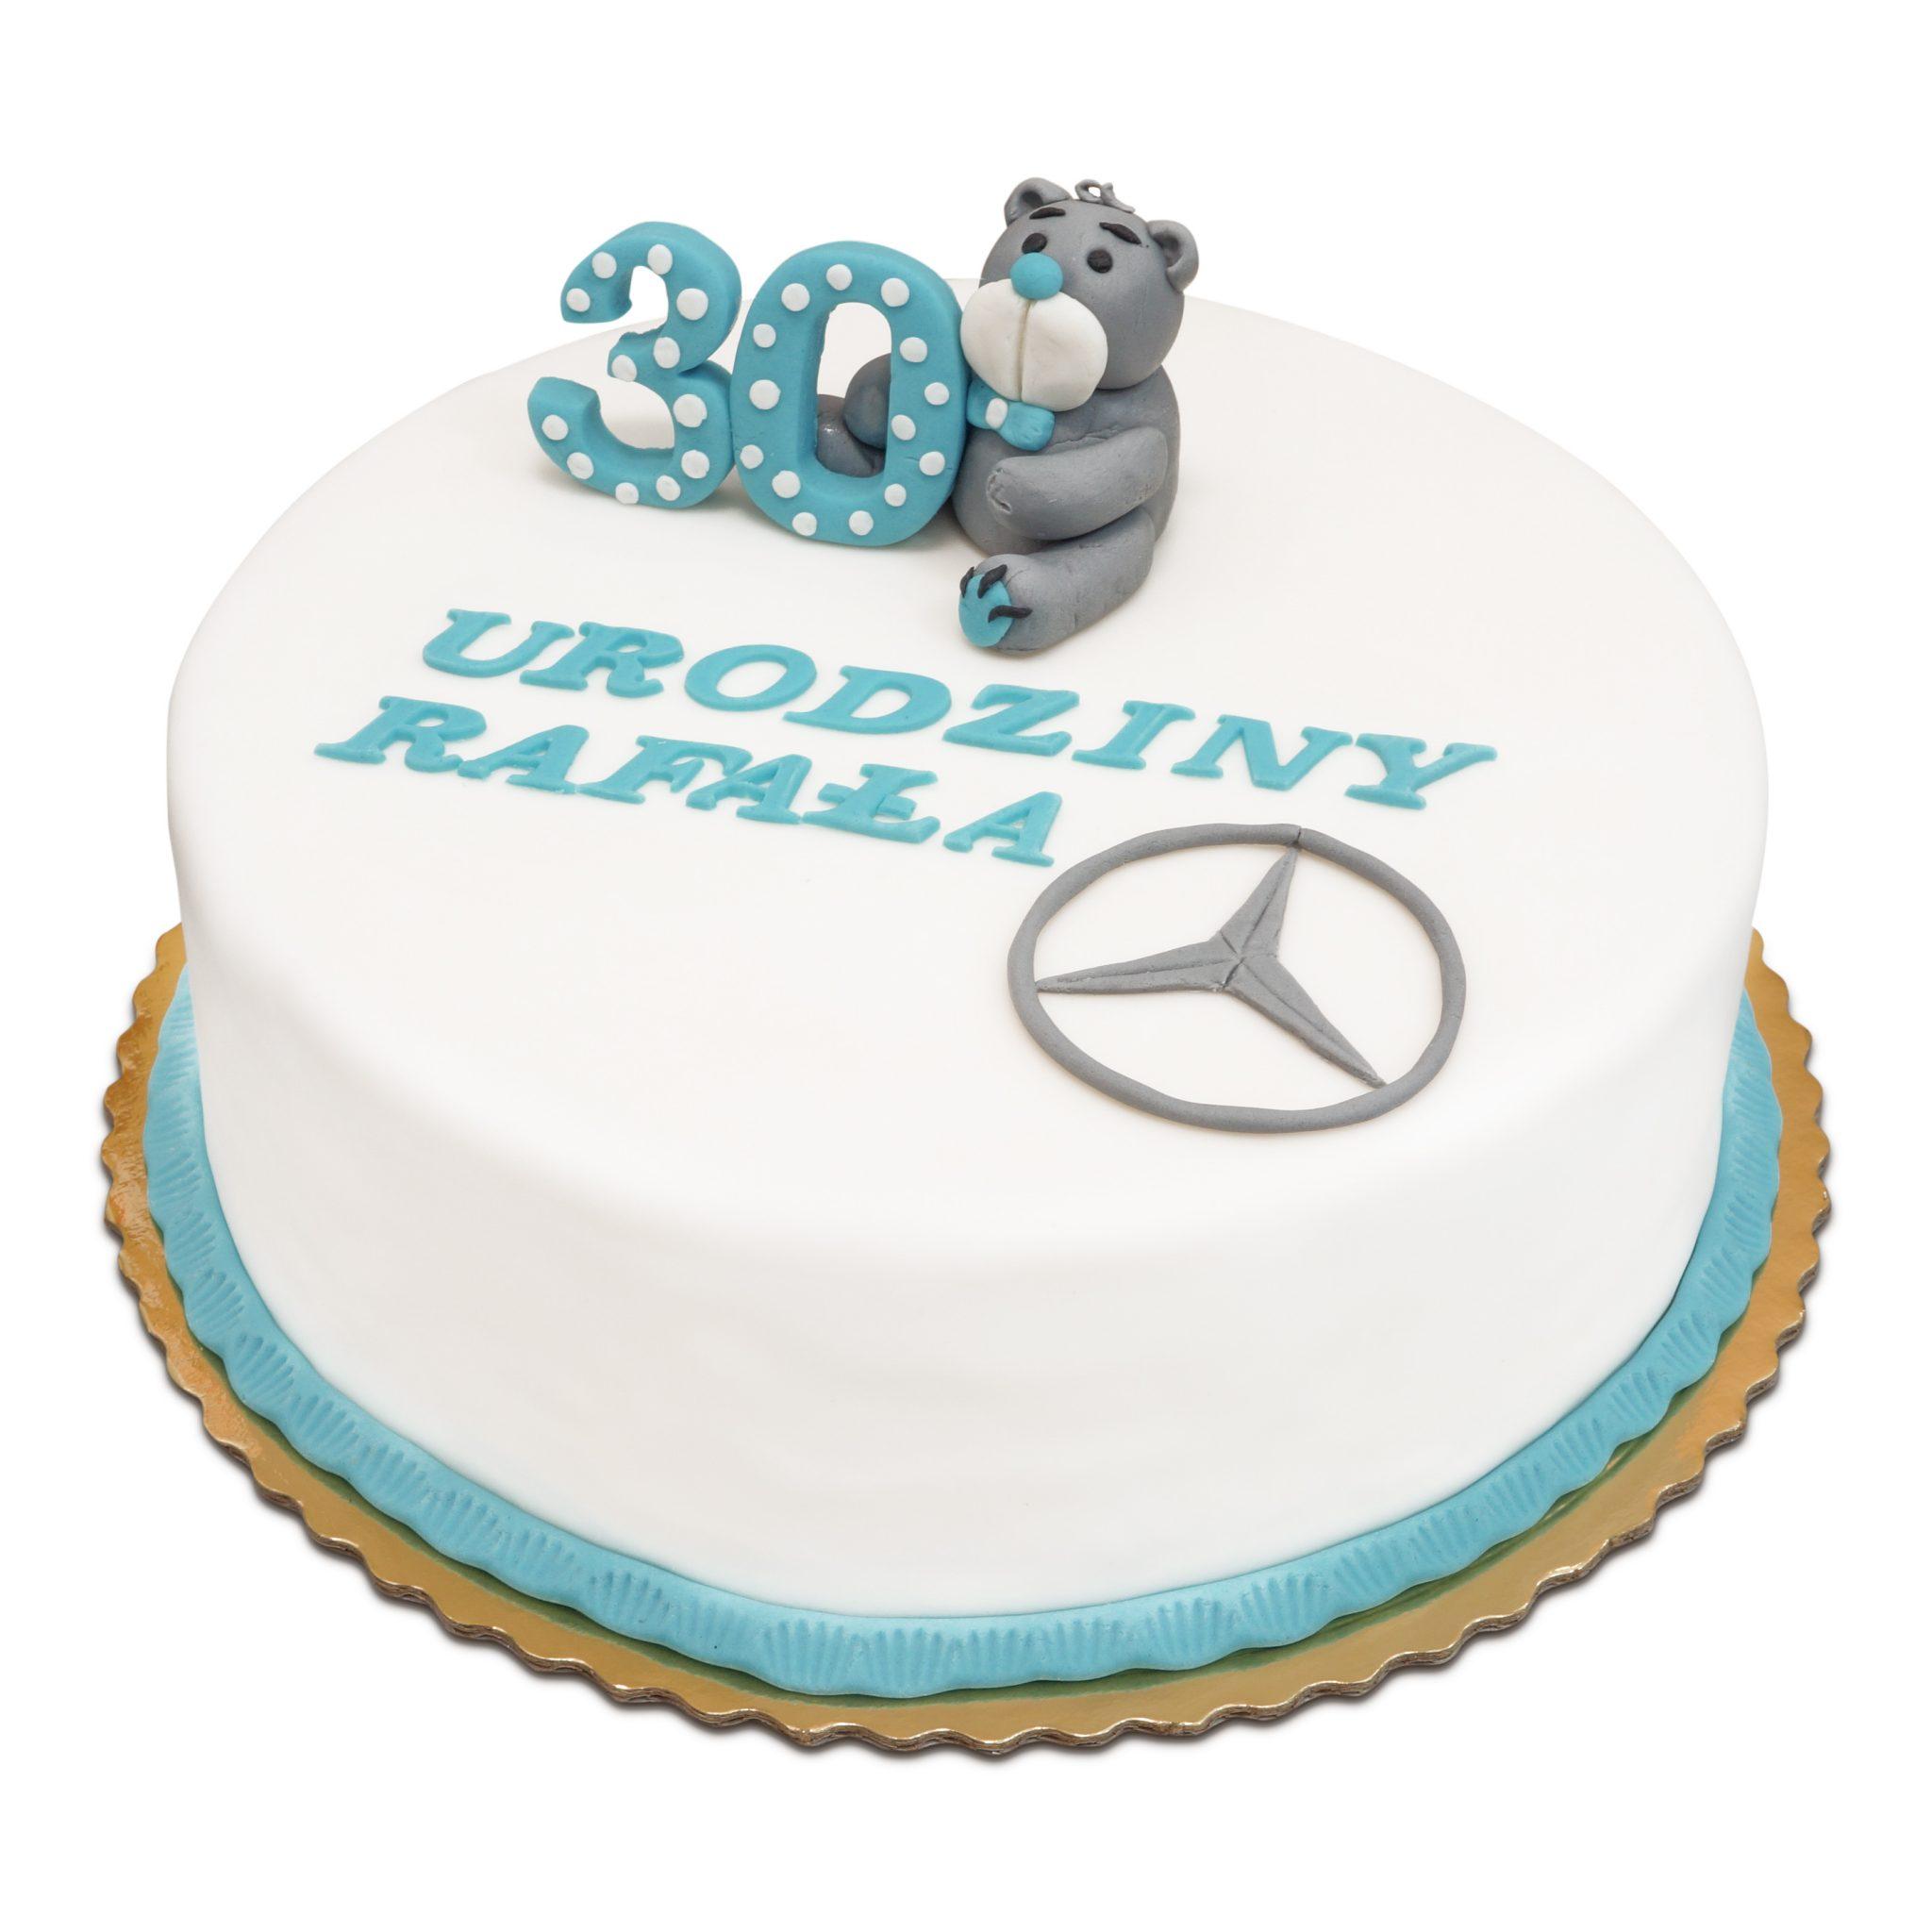 Tort z masy cukrowej na 30-ste urodziny z misiem ostrów wielkopolski